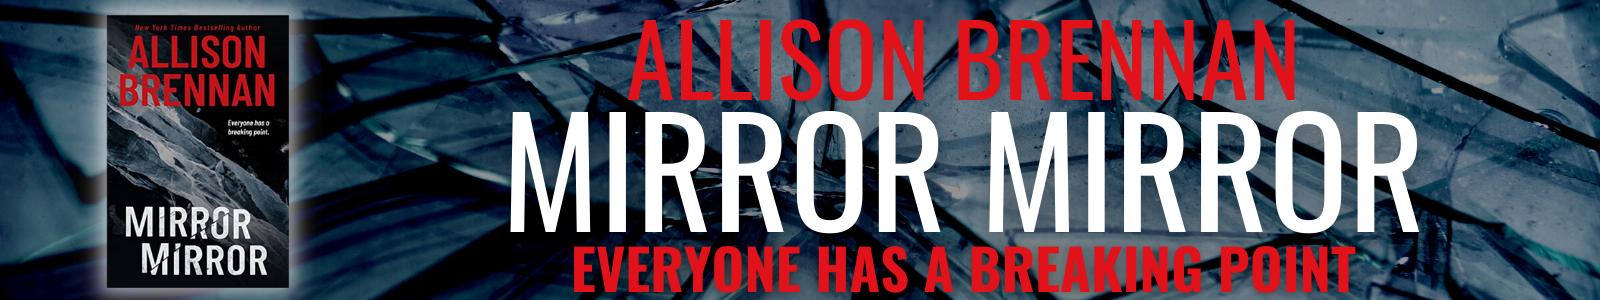 Allison Brennan 1